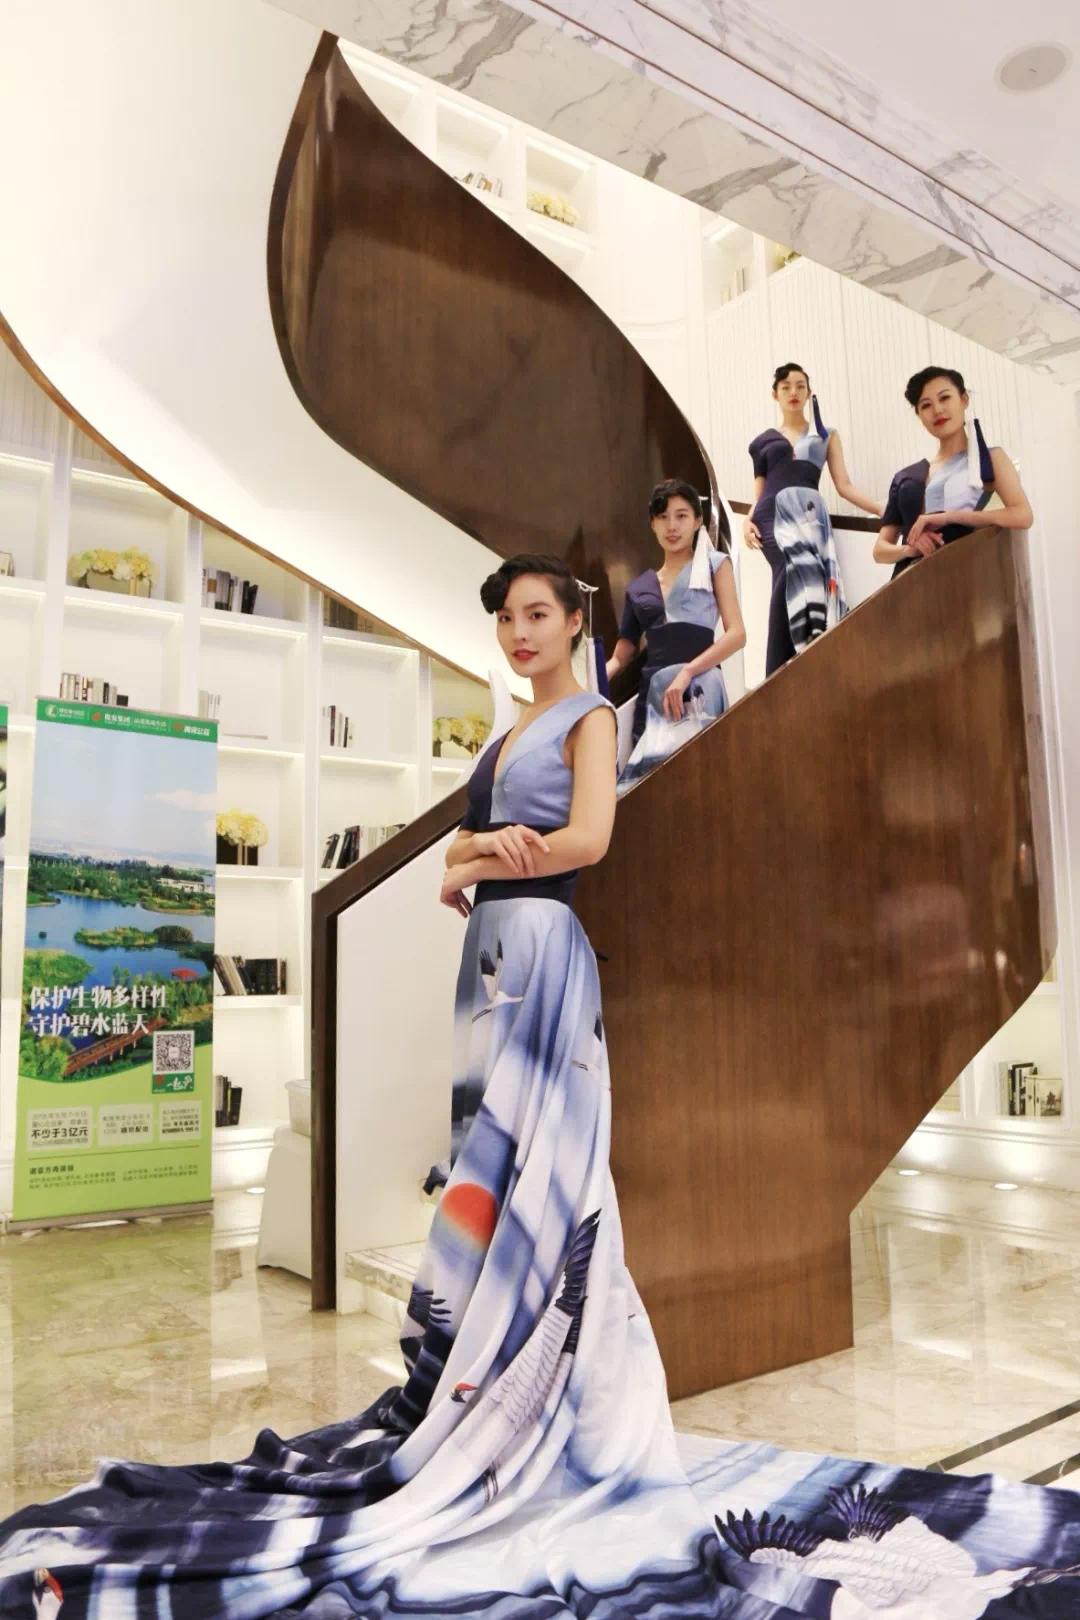 逸天峰城市公馆实体样板间盛大开放,盛启昆明公寓资产样板!